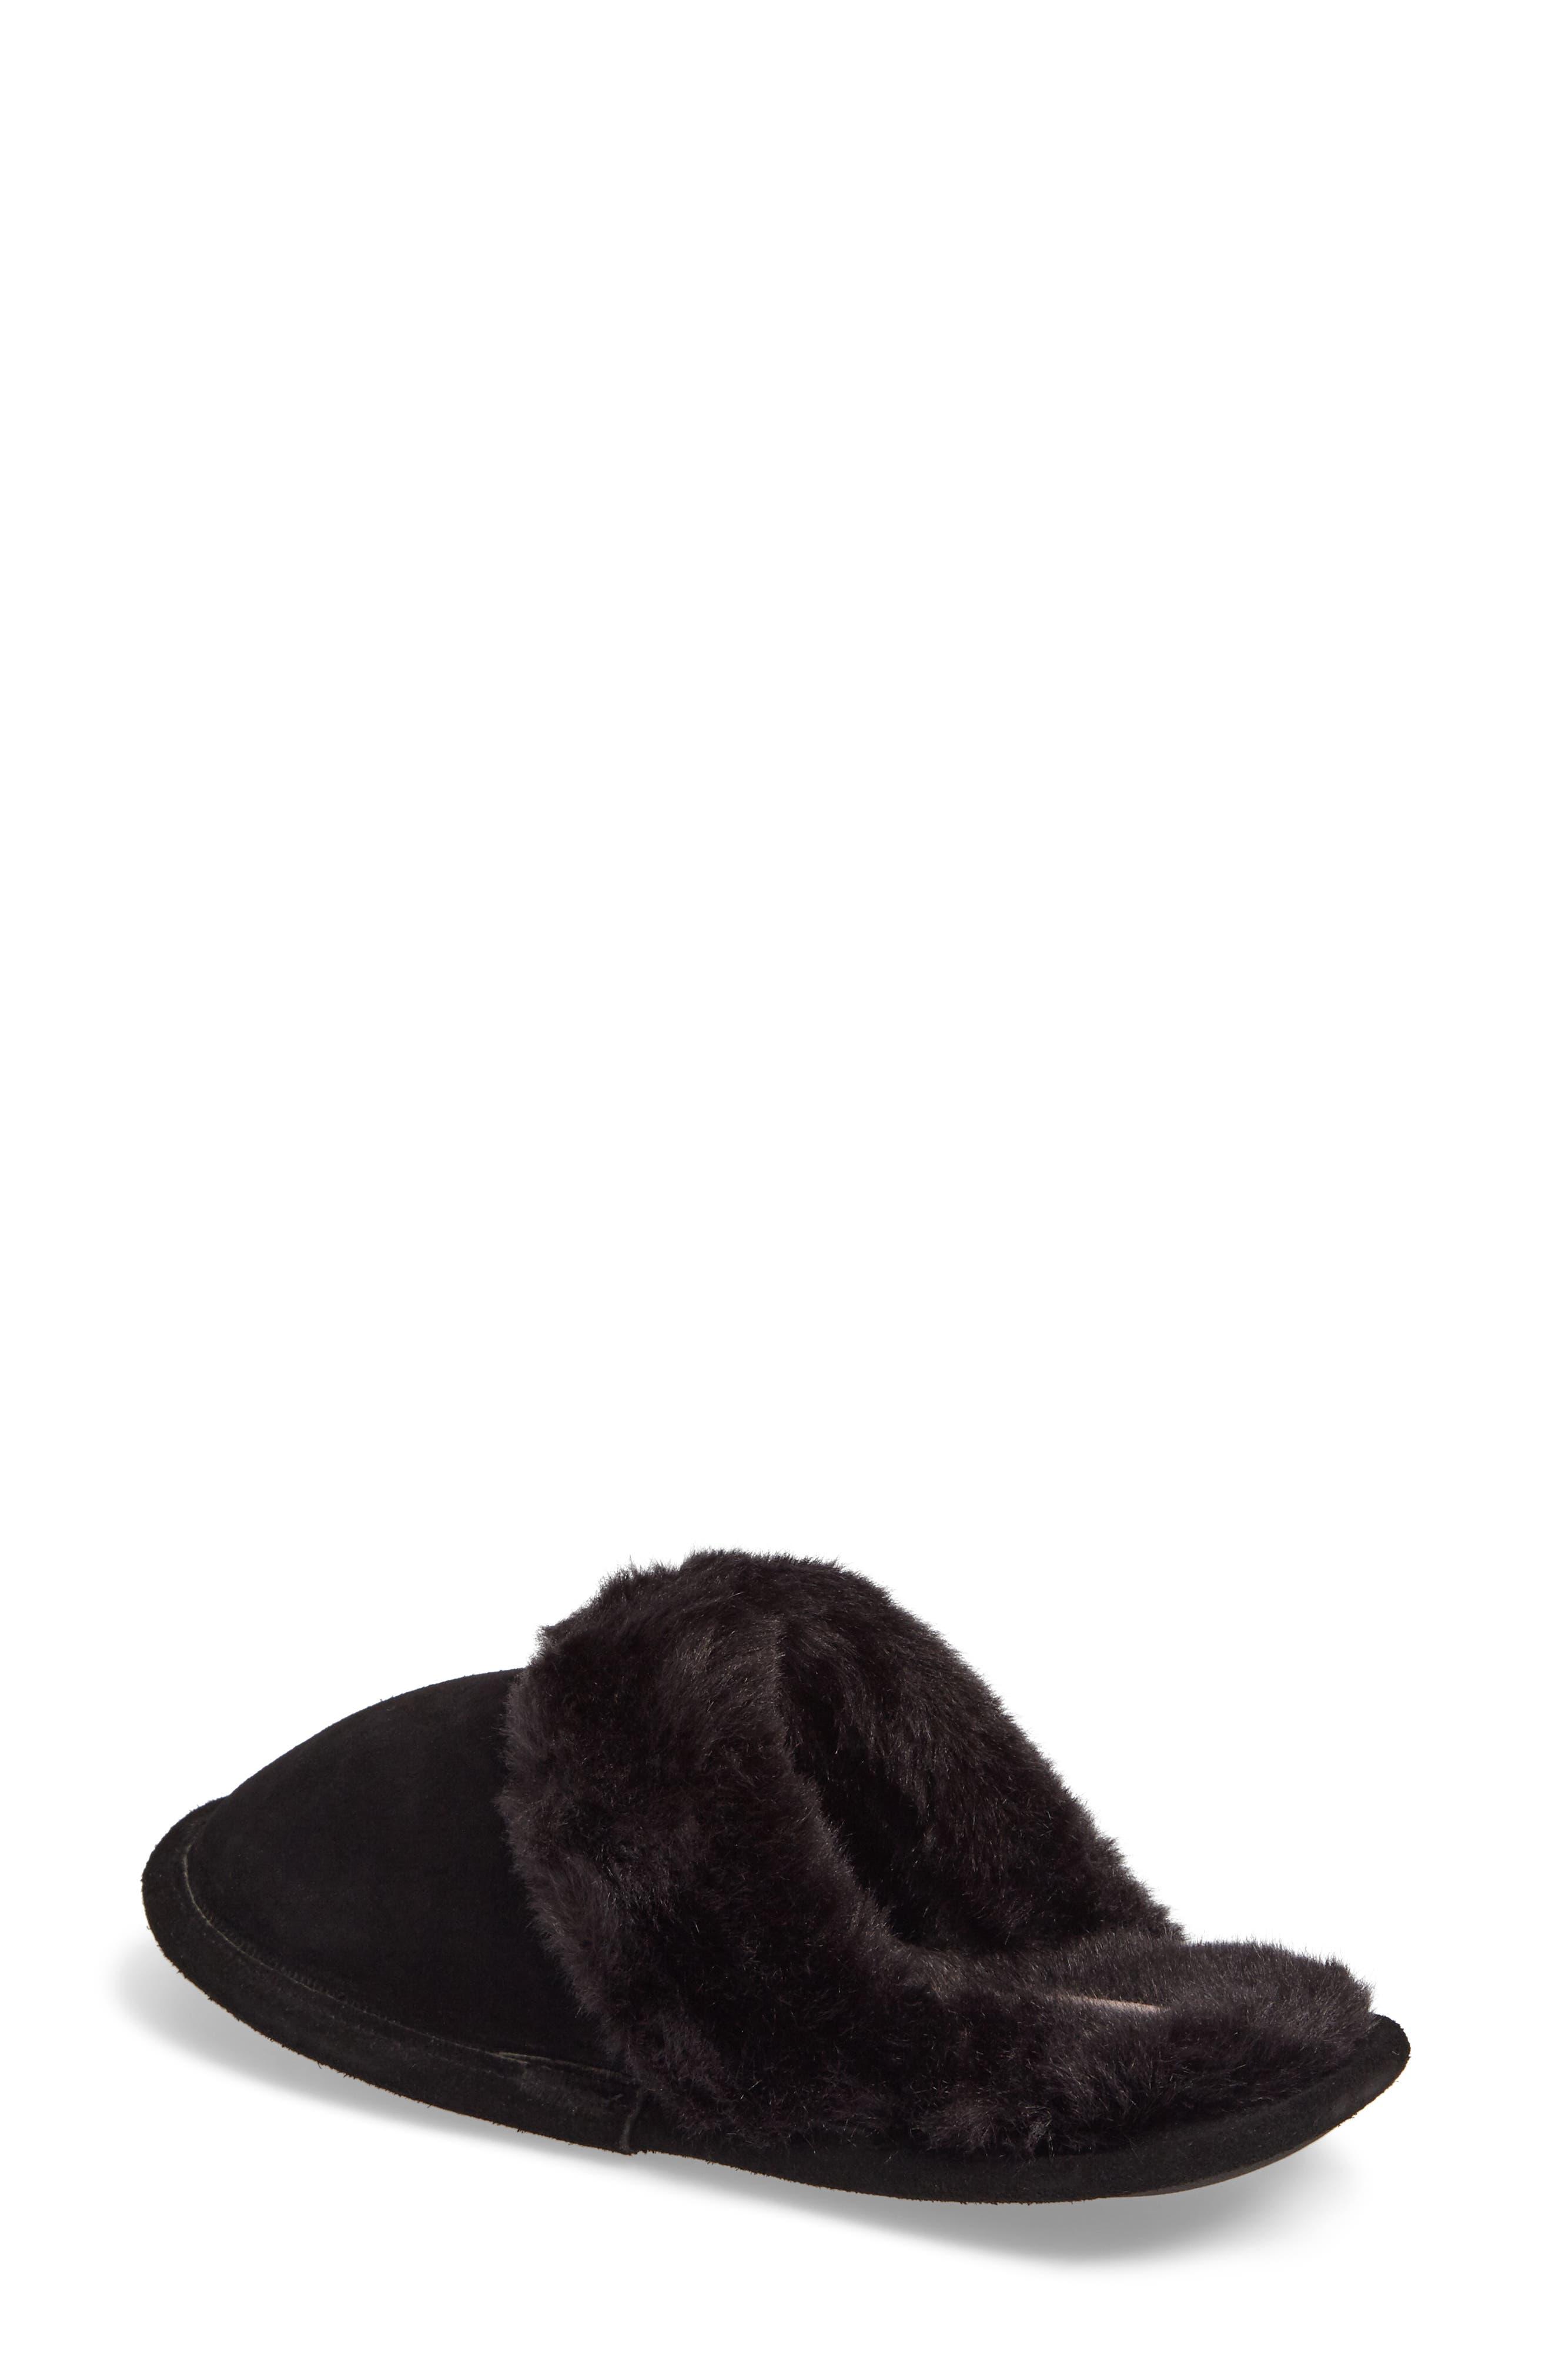 Pammy Faux Fur Slipper,                             Alternate thumbnail 2, color,                             Black Suede